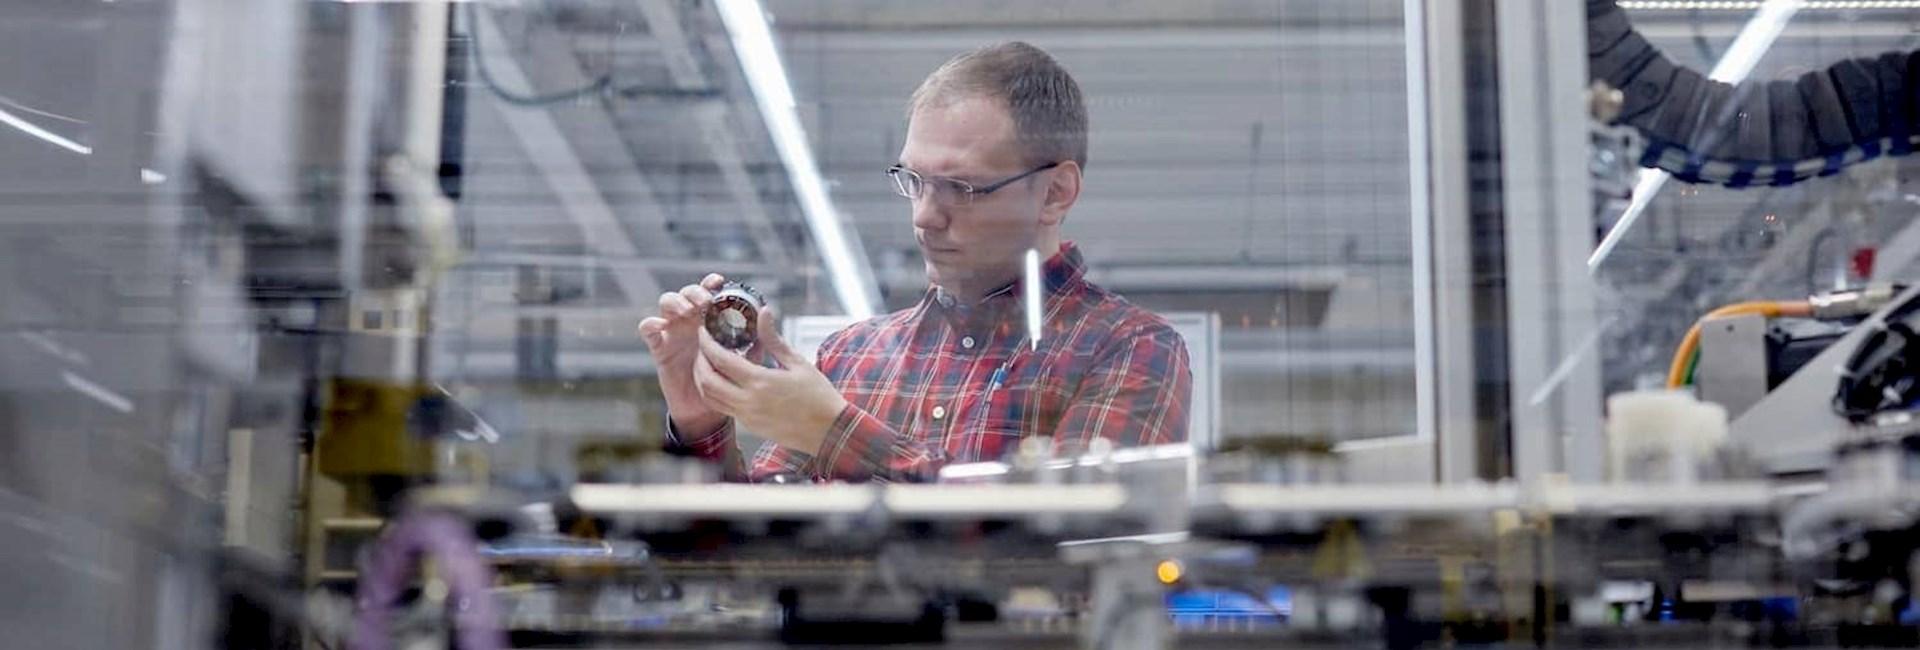 Ingenieur bei der Qualitätsprüfung